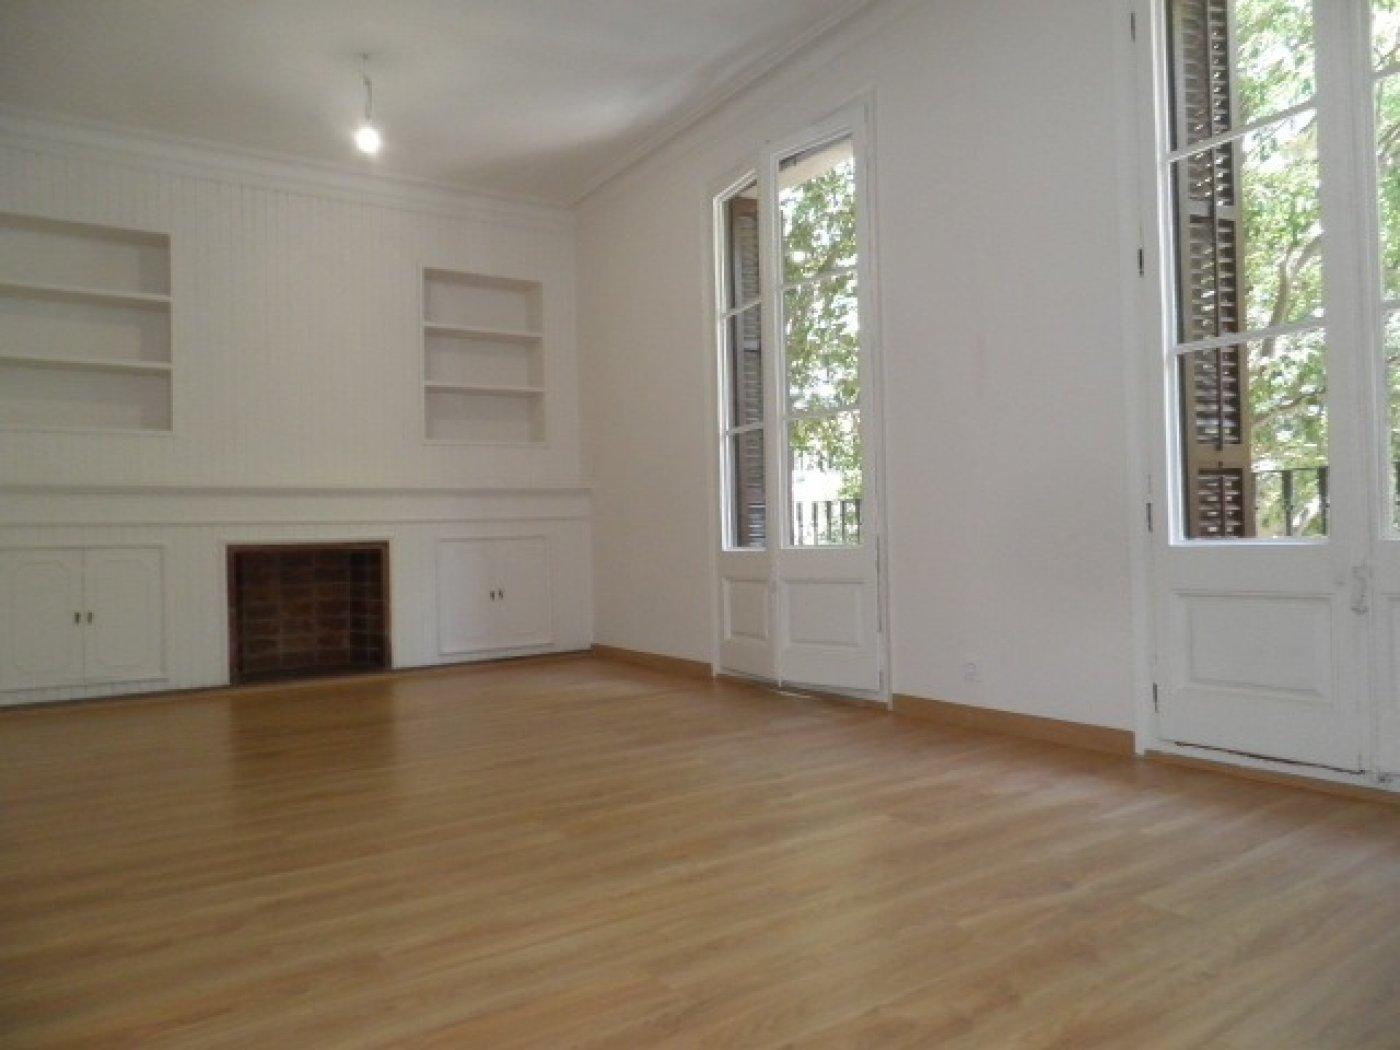 Flat for sale in Sant Antoni, Barcelona